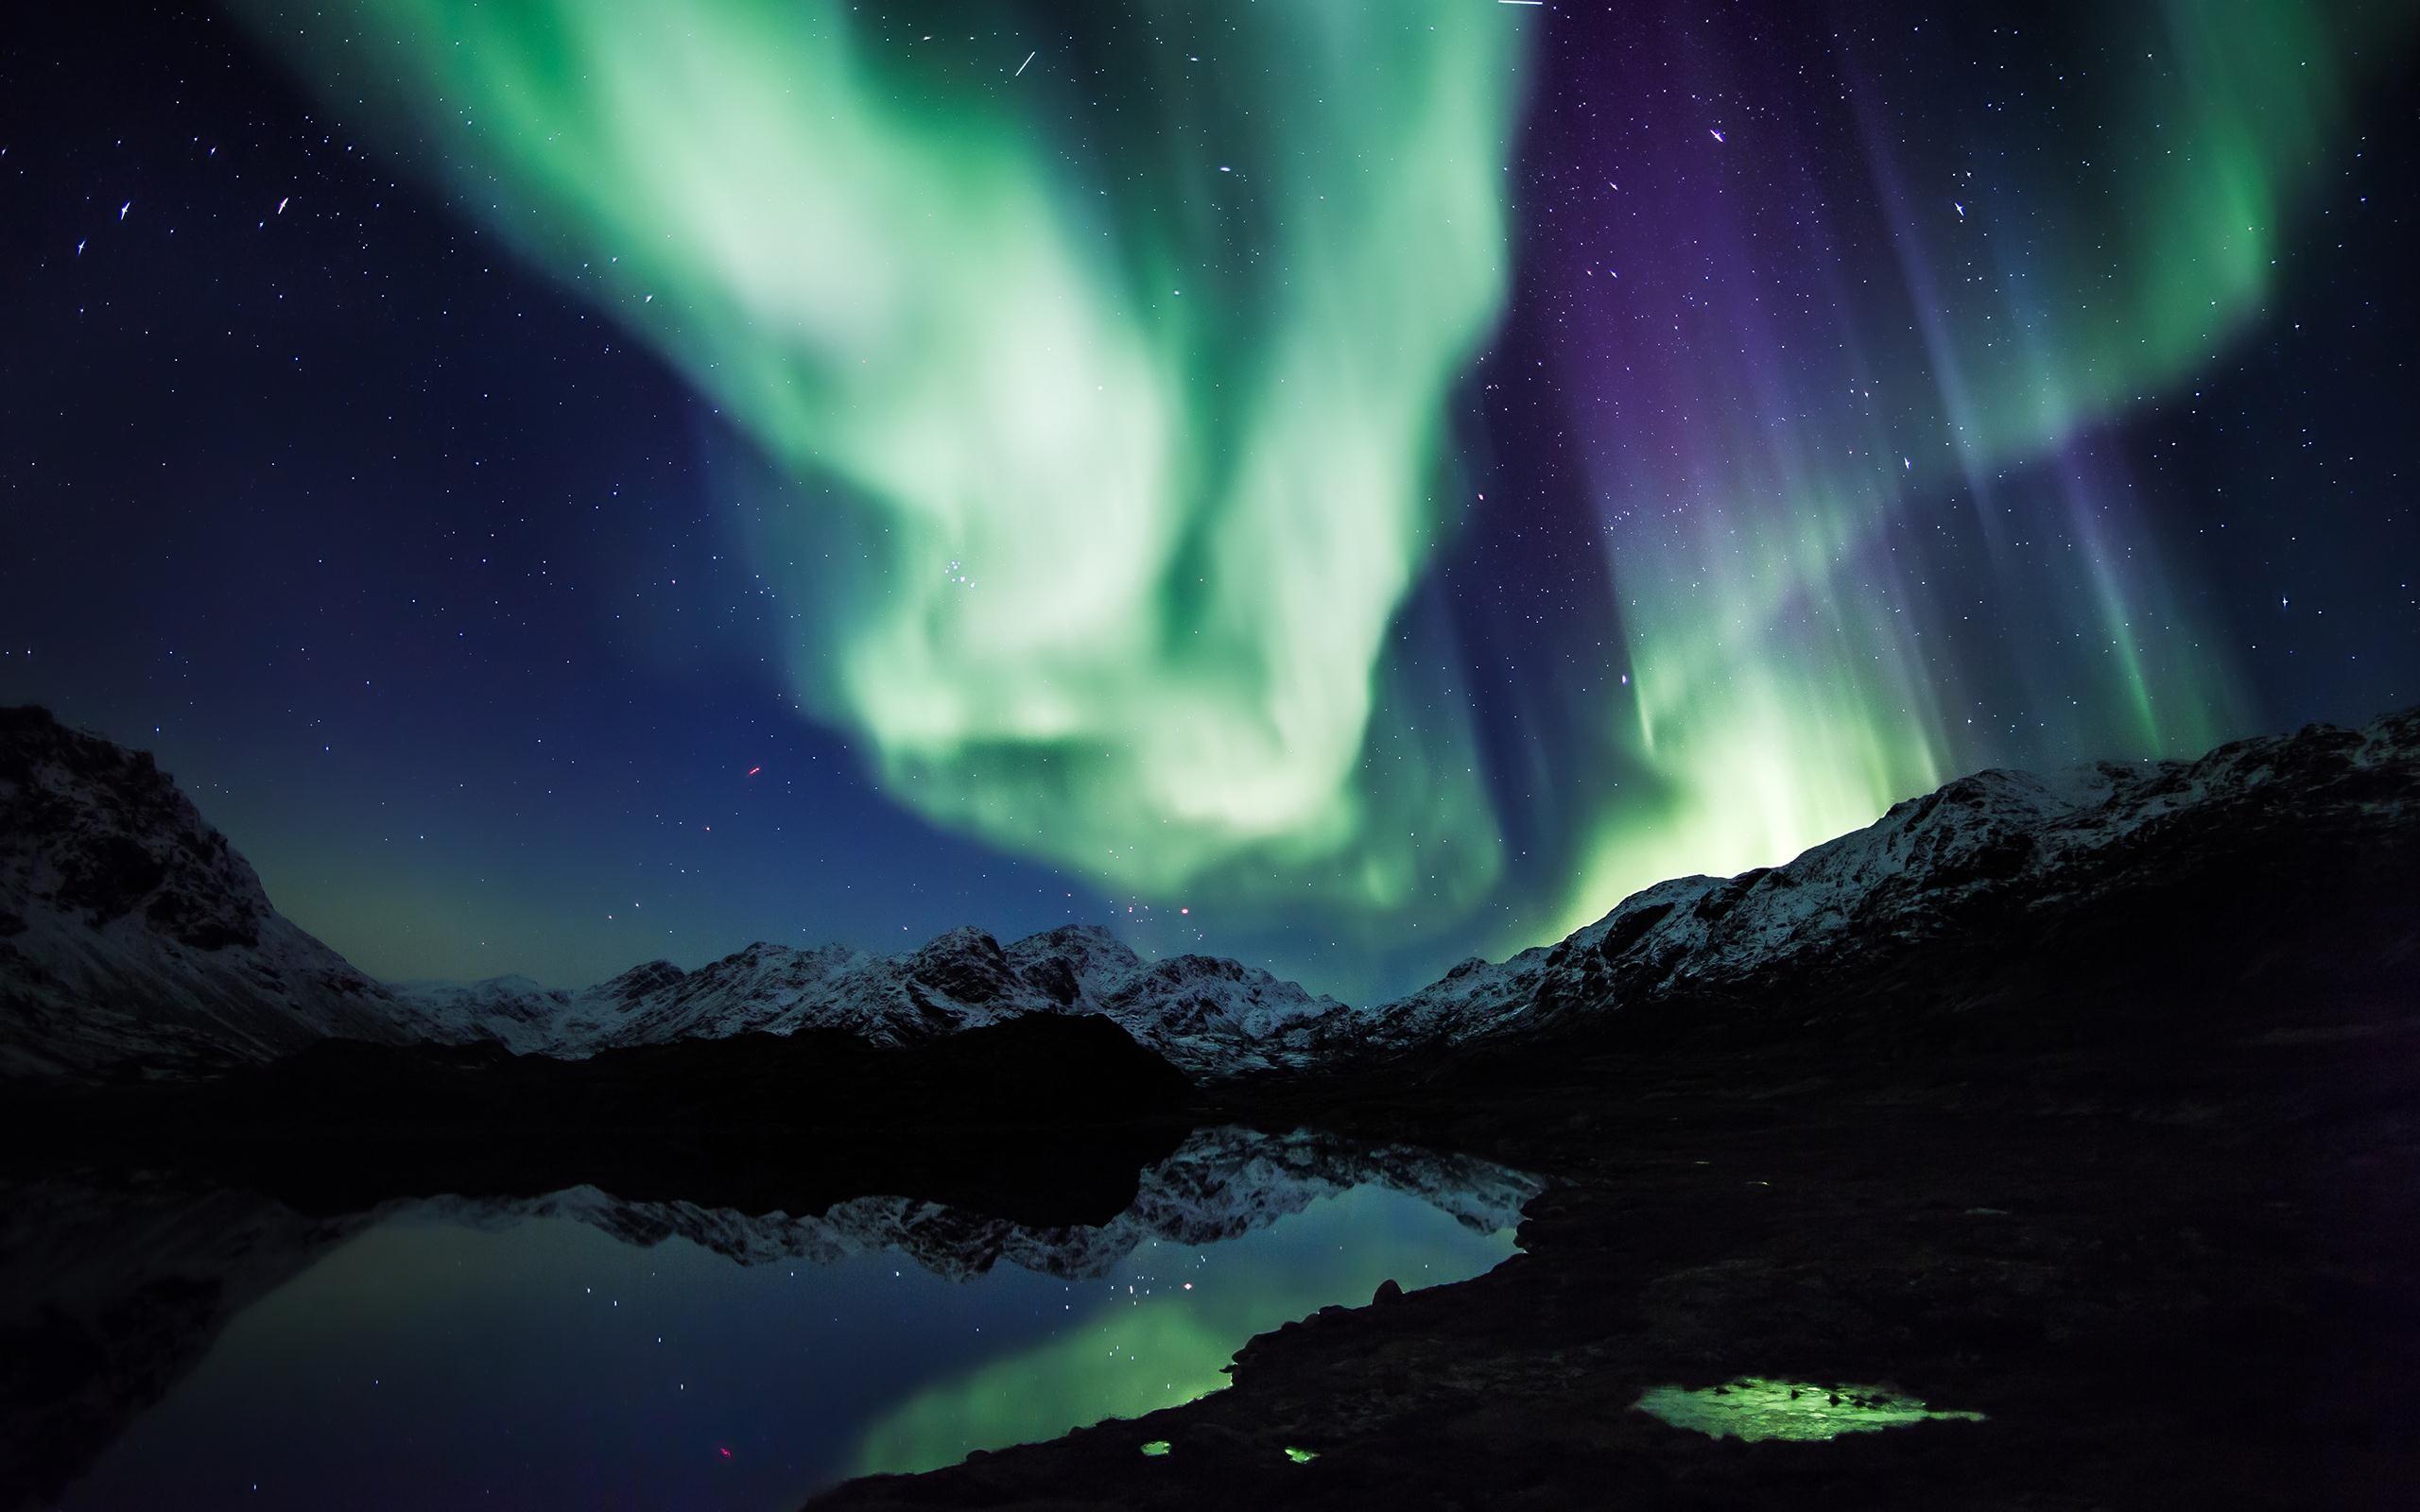 4k aurora wallpaper 51 images for Sfondi invernali per desktop gratis